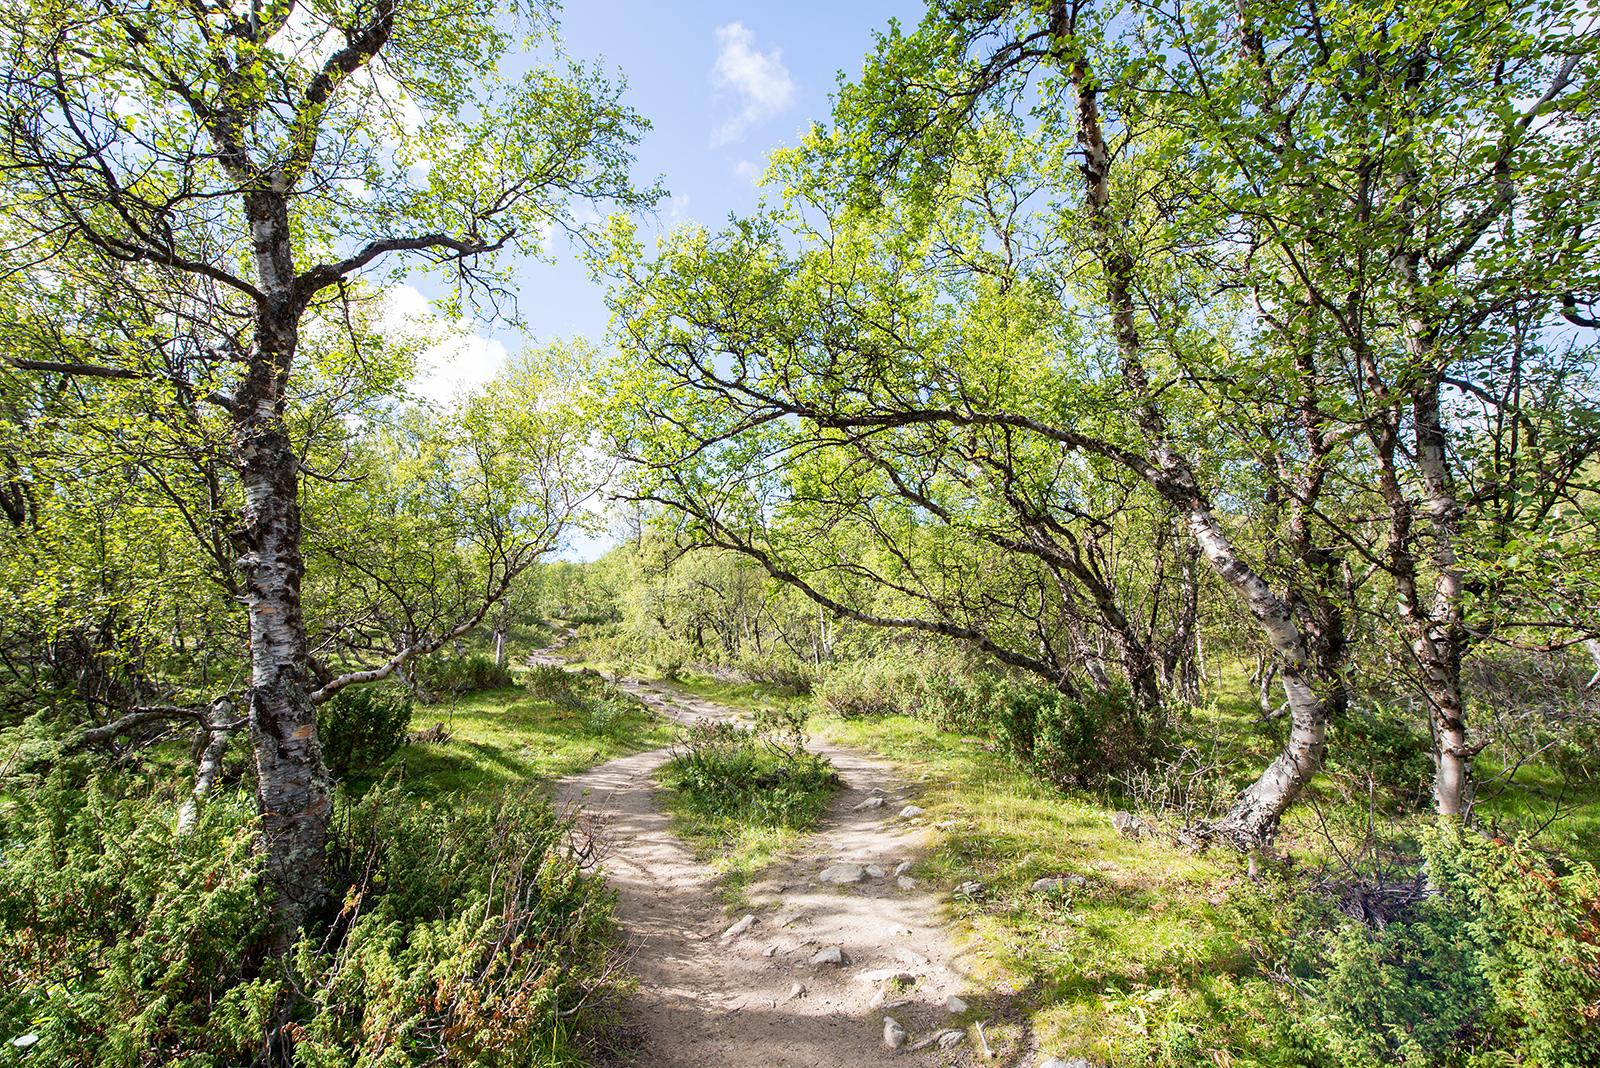 Podzimní Lofoty – WWOOF dobrovolnictví a cesta domů